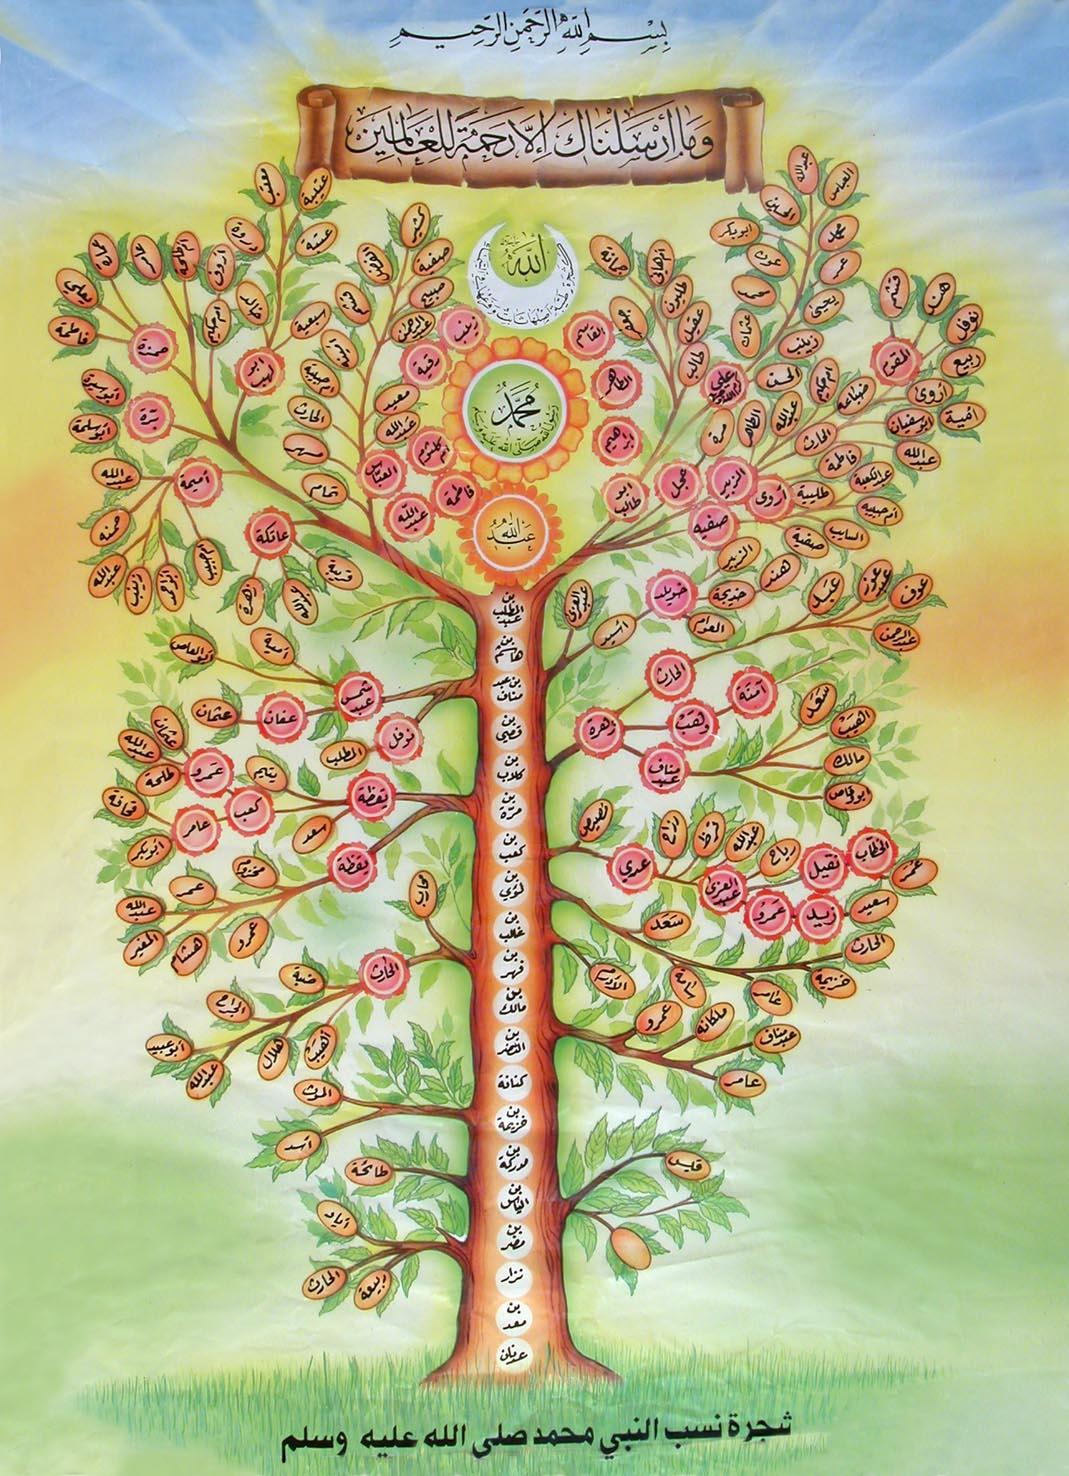 شجرة نسب بيت أل الرسول عليه الصلاة